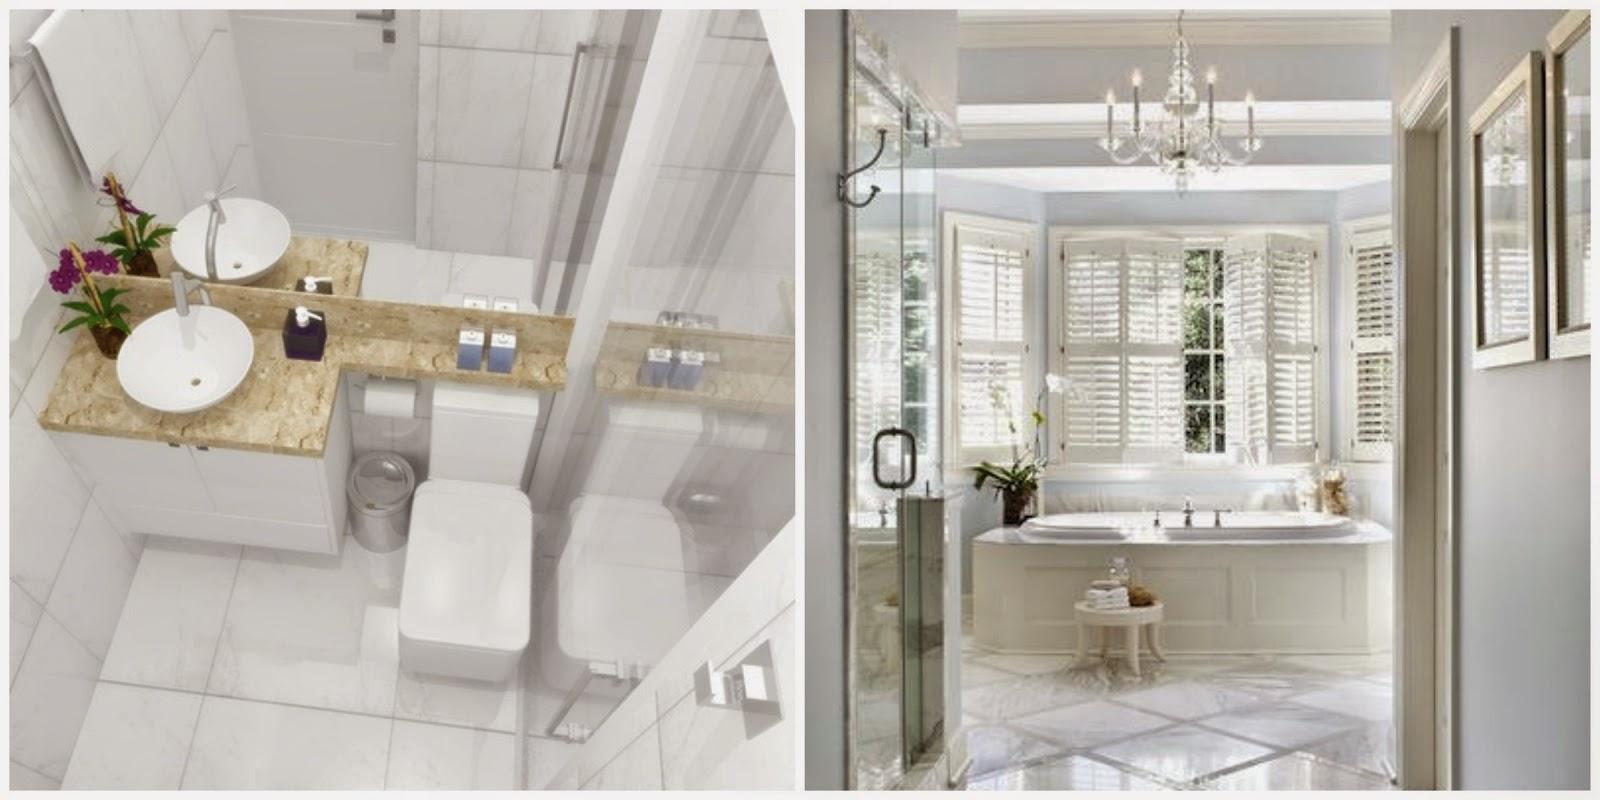 Ideias para decorar o seu banheiro Mari Beleza Pura #3F3828 1600 800